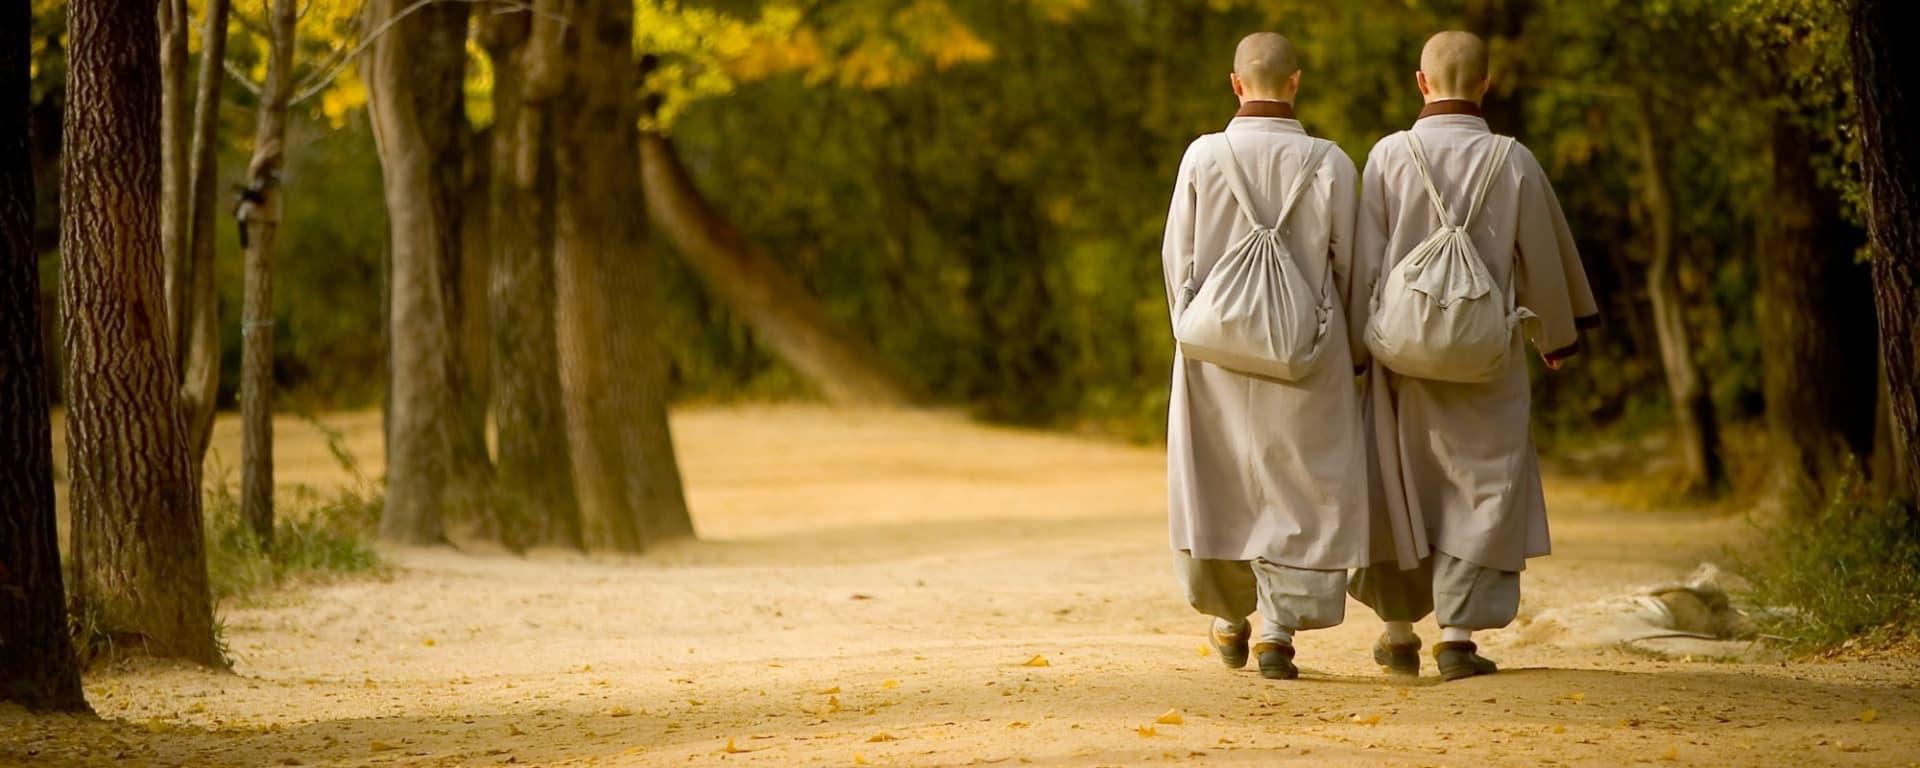 Wissenswertes zu Südkorea Reisen und Ferien: Buseoksa monks